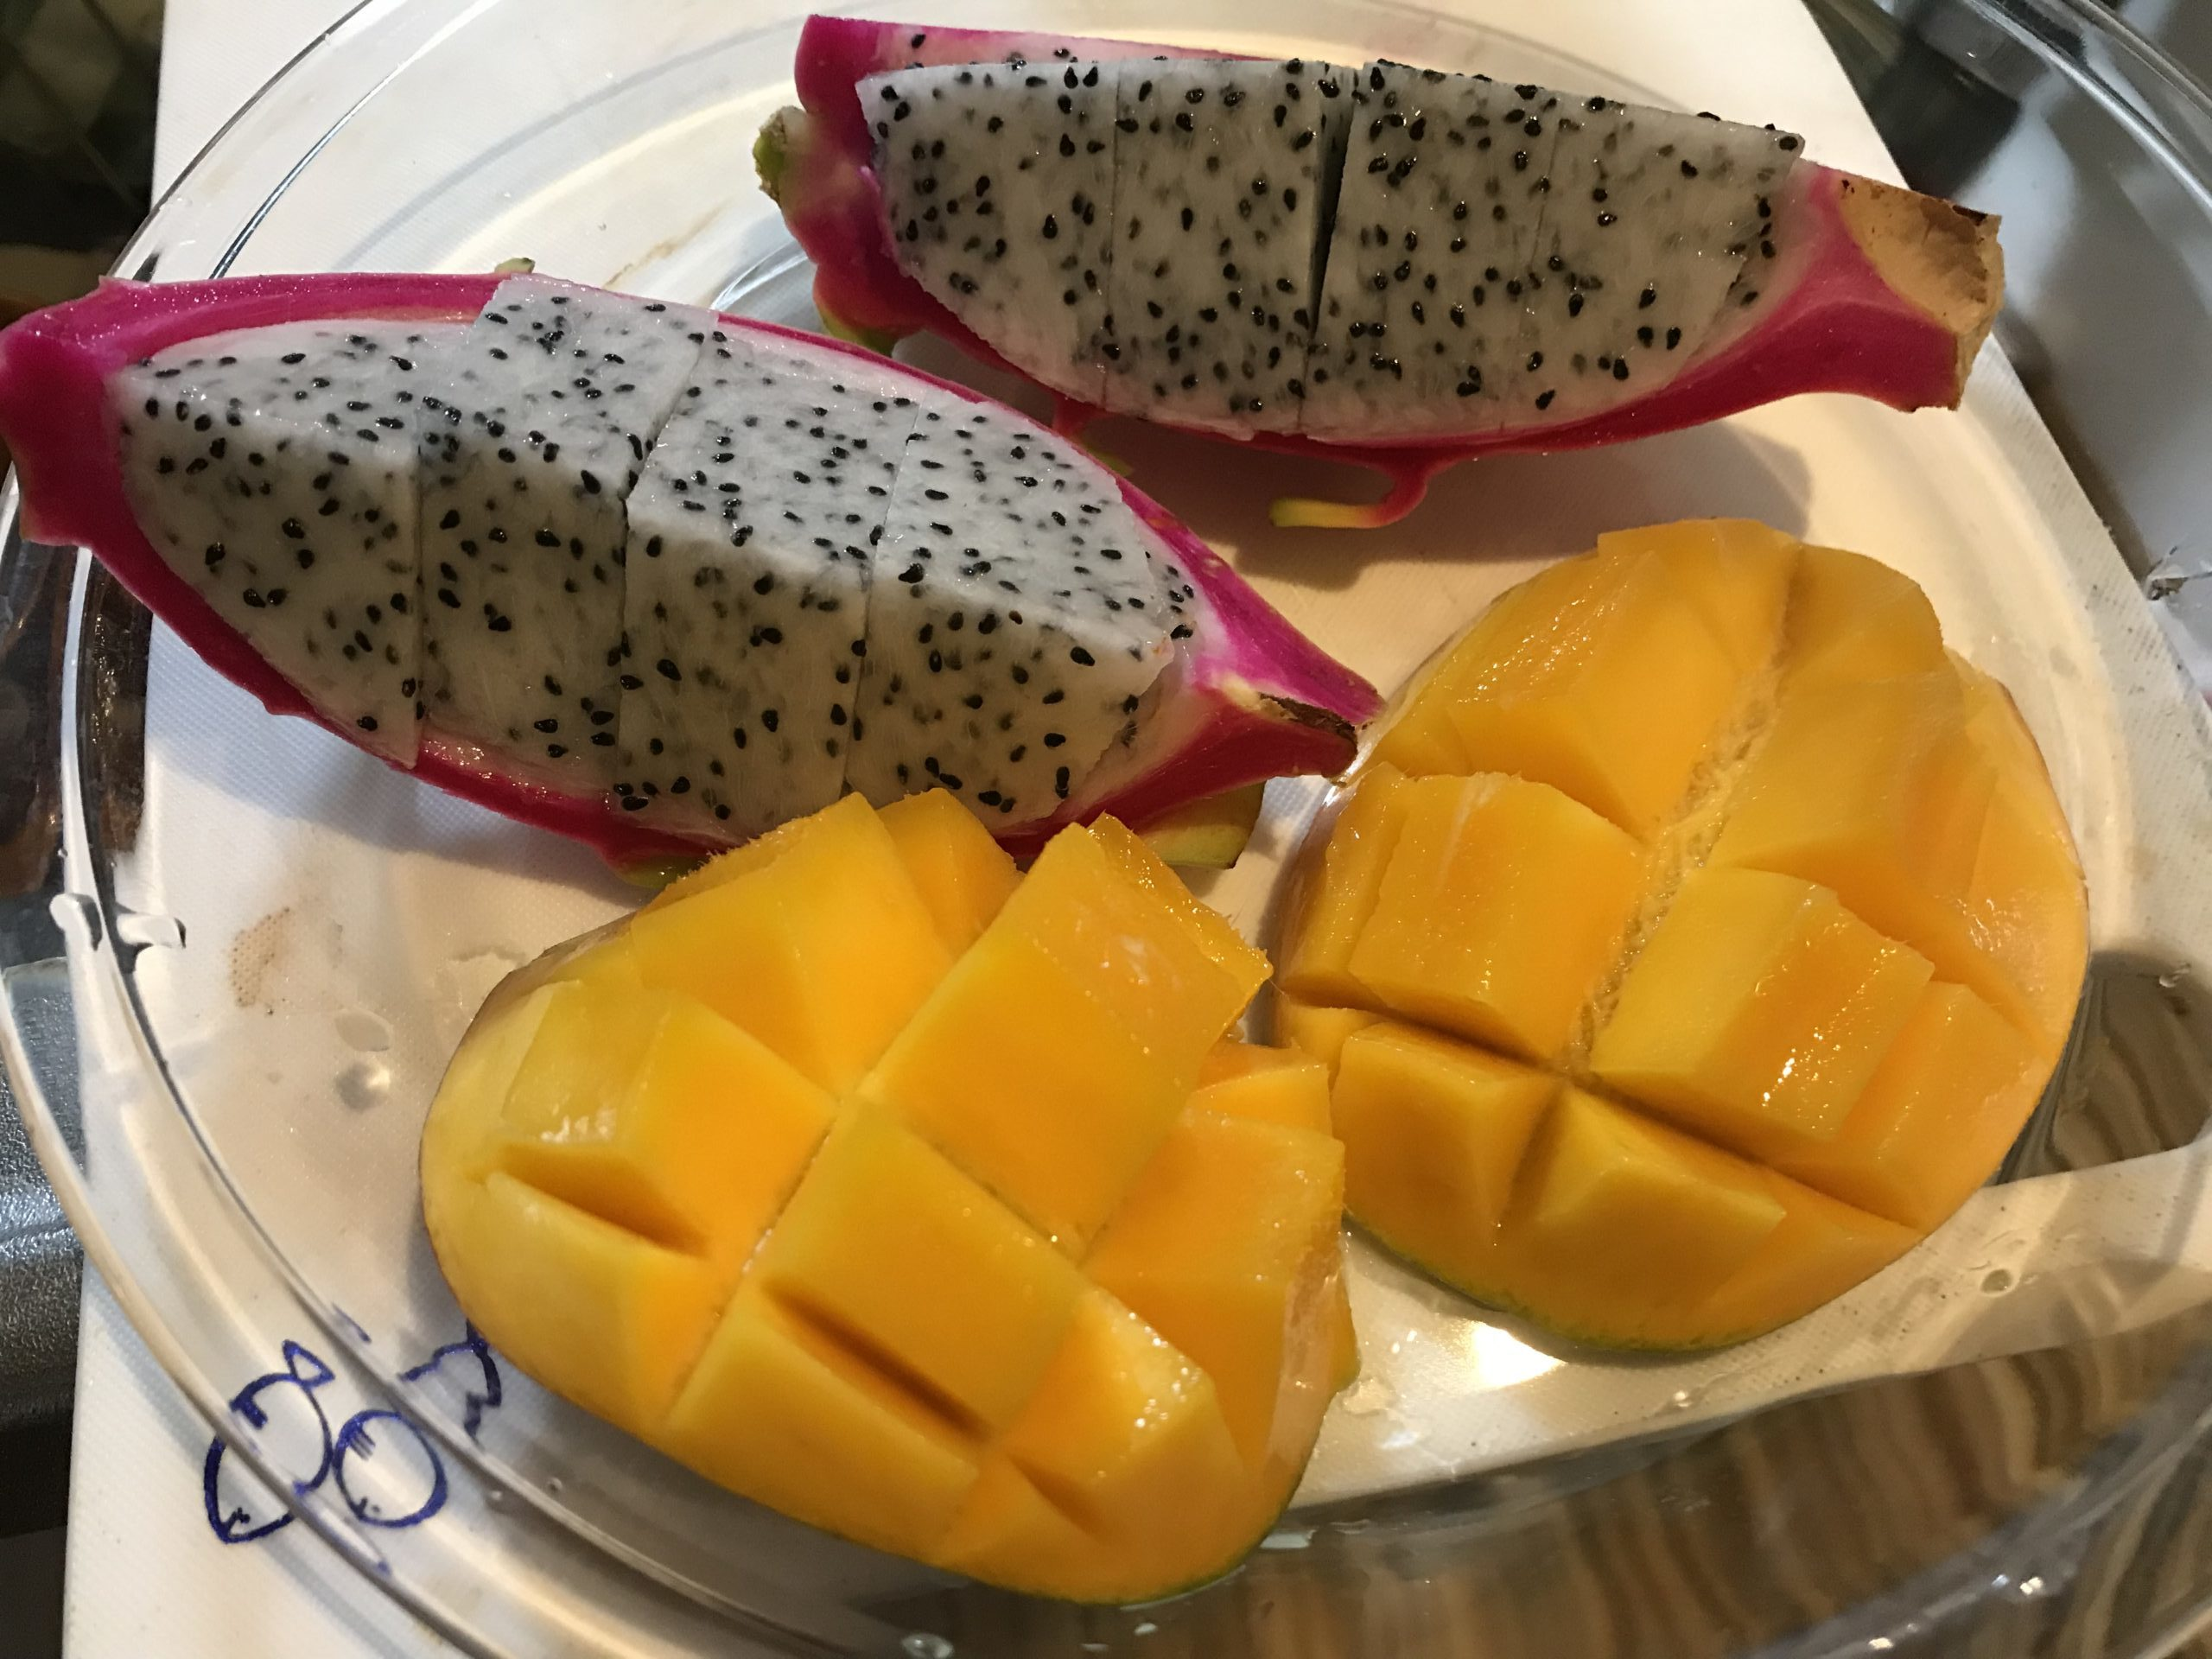 沖縄に来たら食べたい南国フルーツ